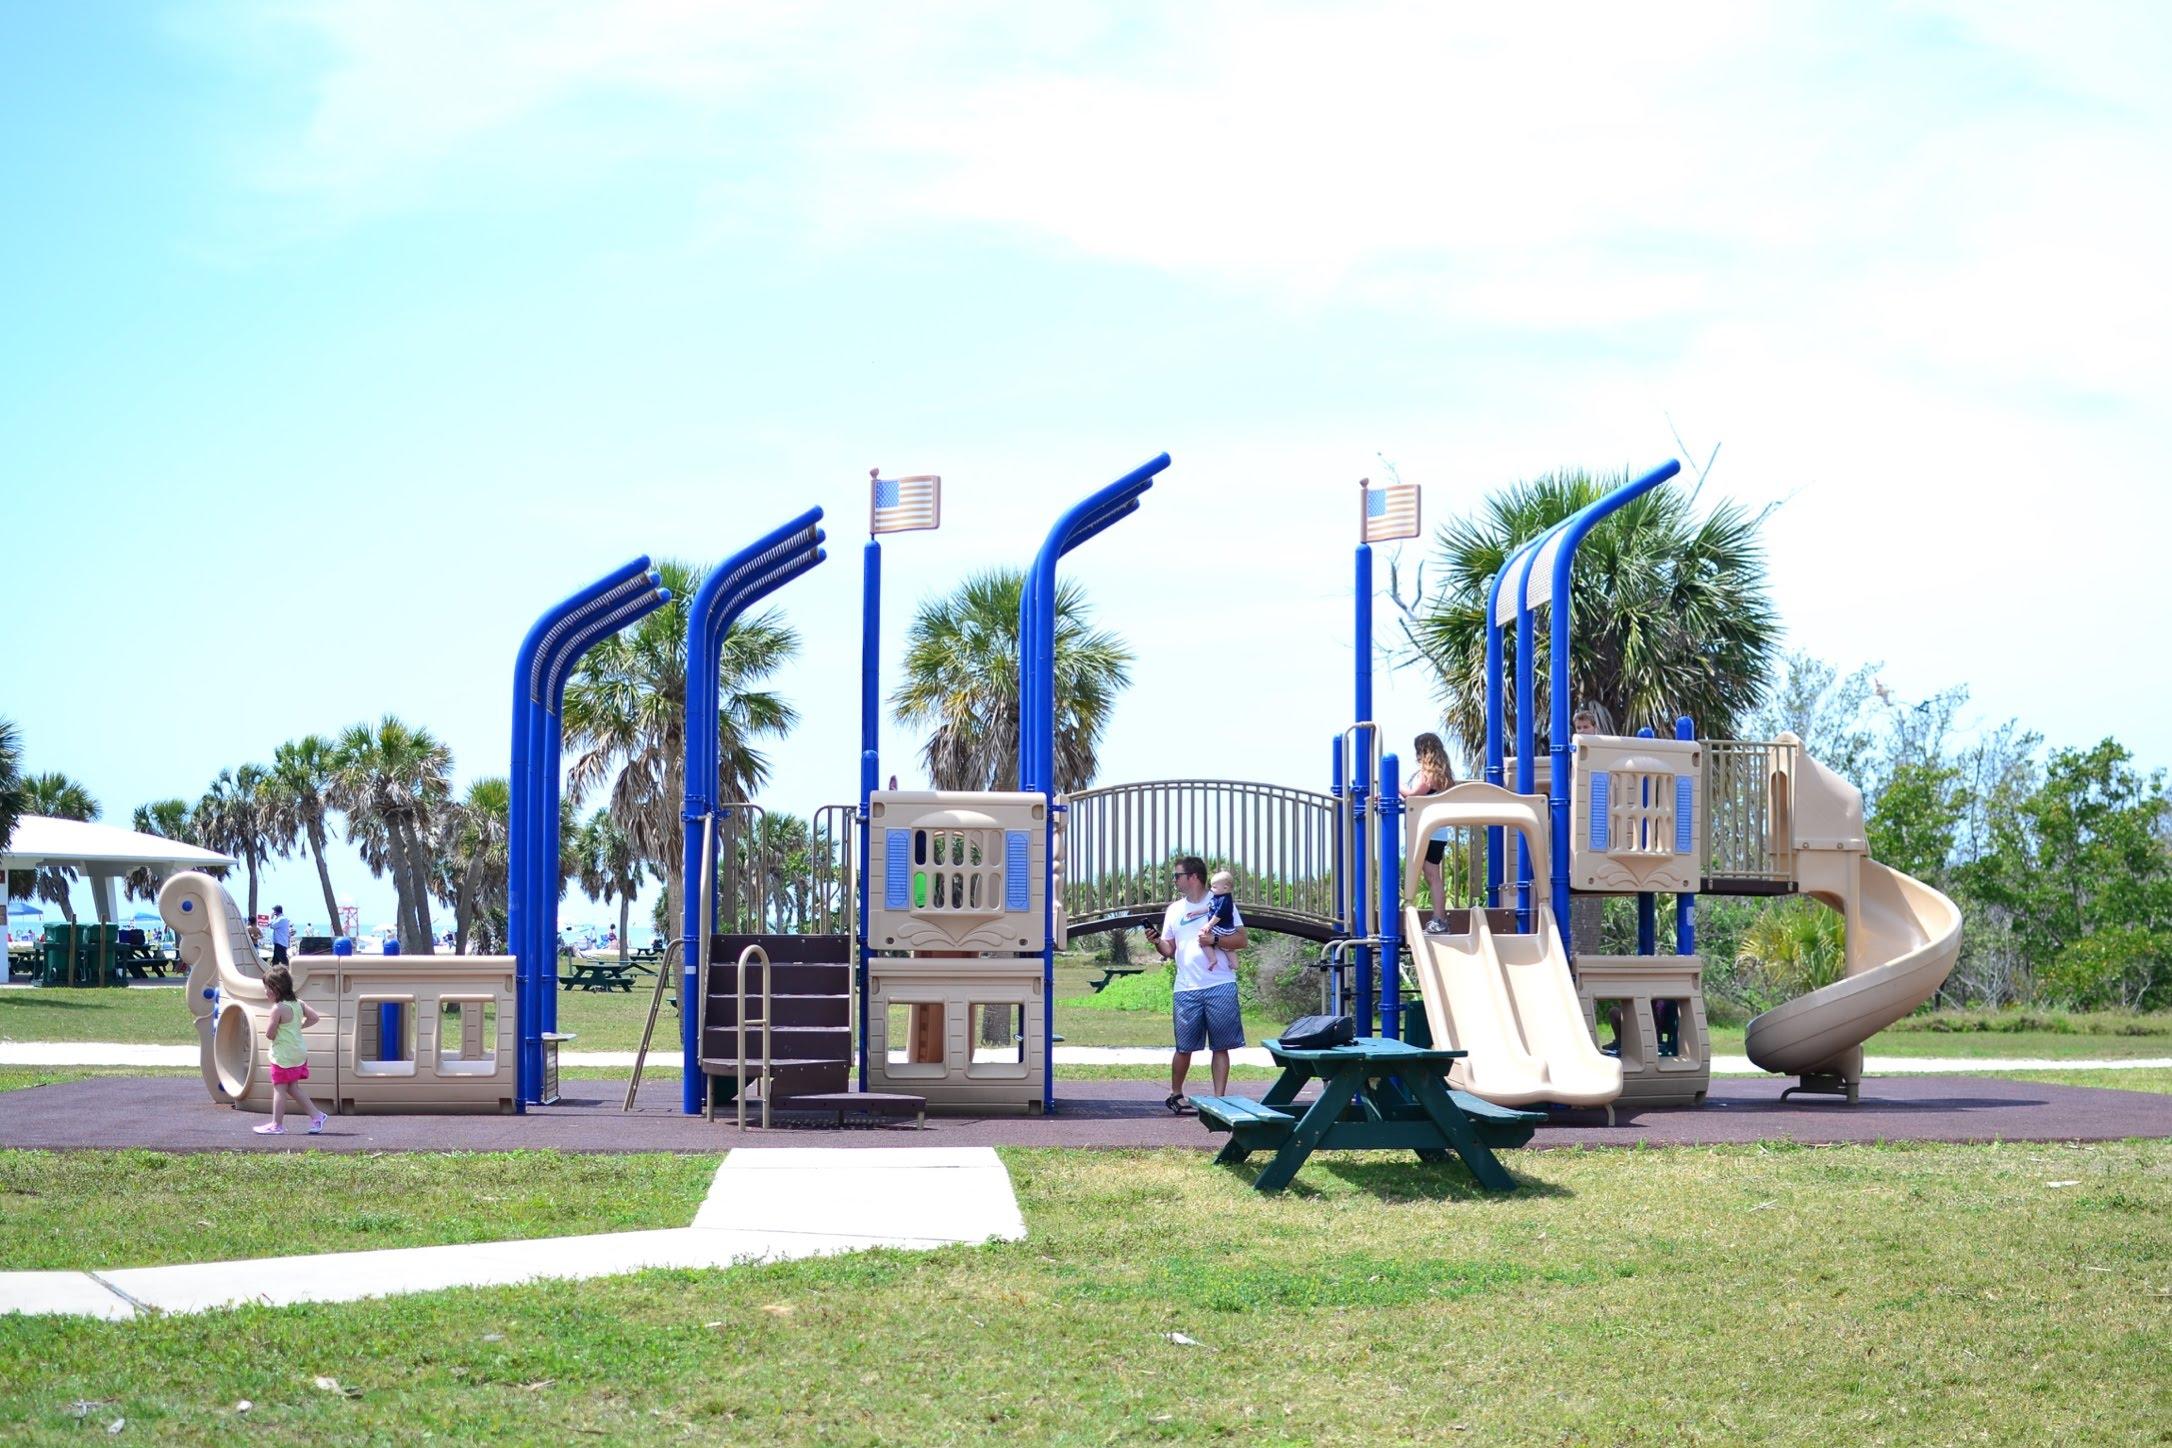 Fort De Soto Park - Pirate Ship Playground